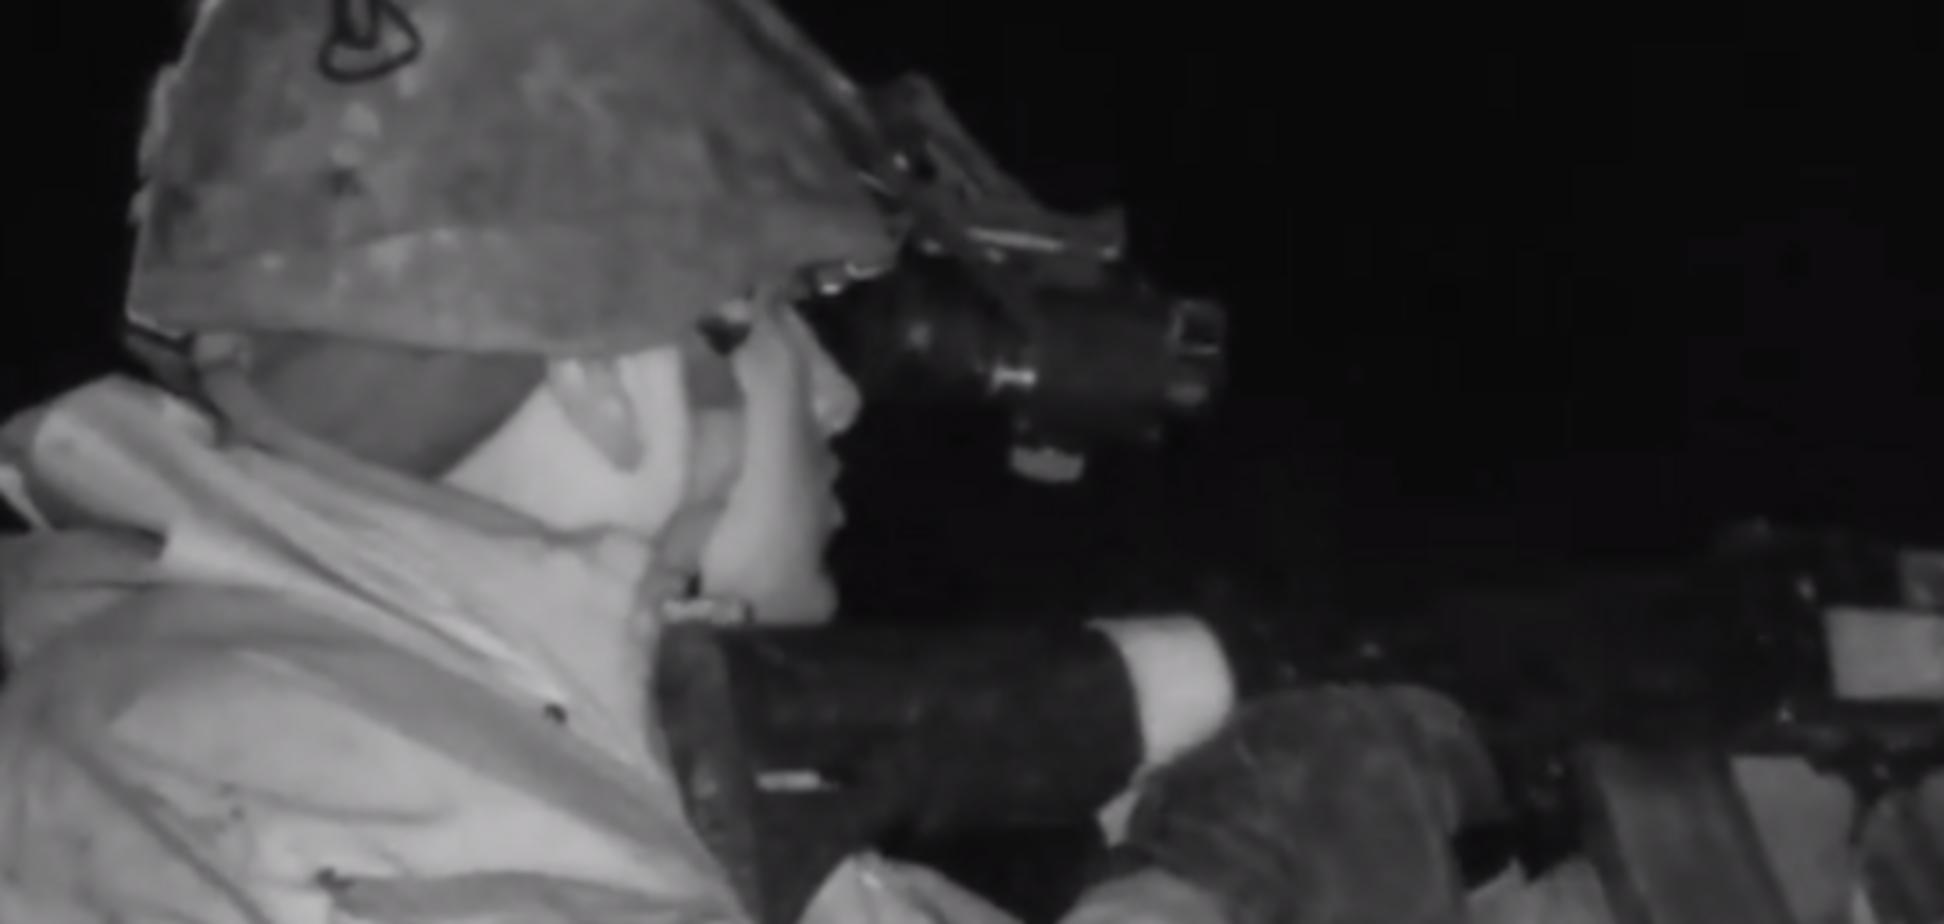 'Є!' На відео потрапив влучний постріл українського снайпера на Донбасі